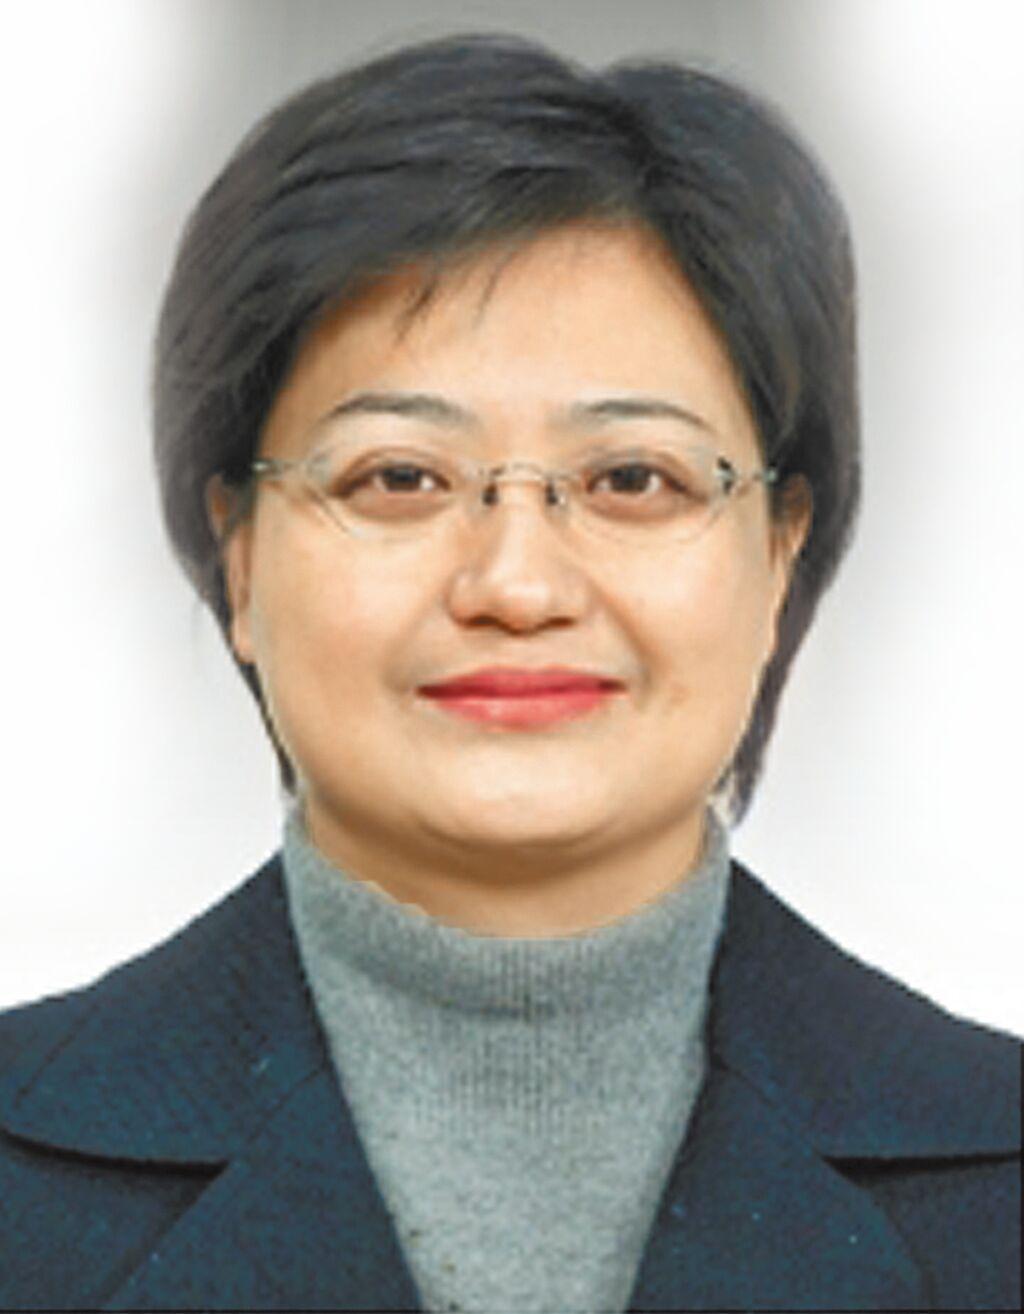 上海市台辦主任由現任長寧區一級巡視員鍾曉敏接任。(摘自上海市長寧區網站)